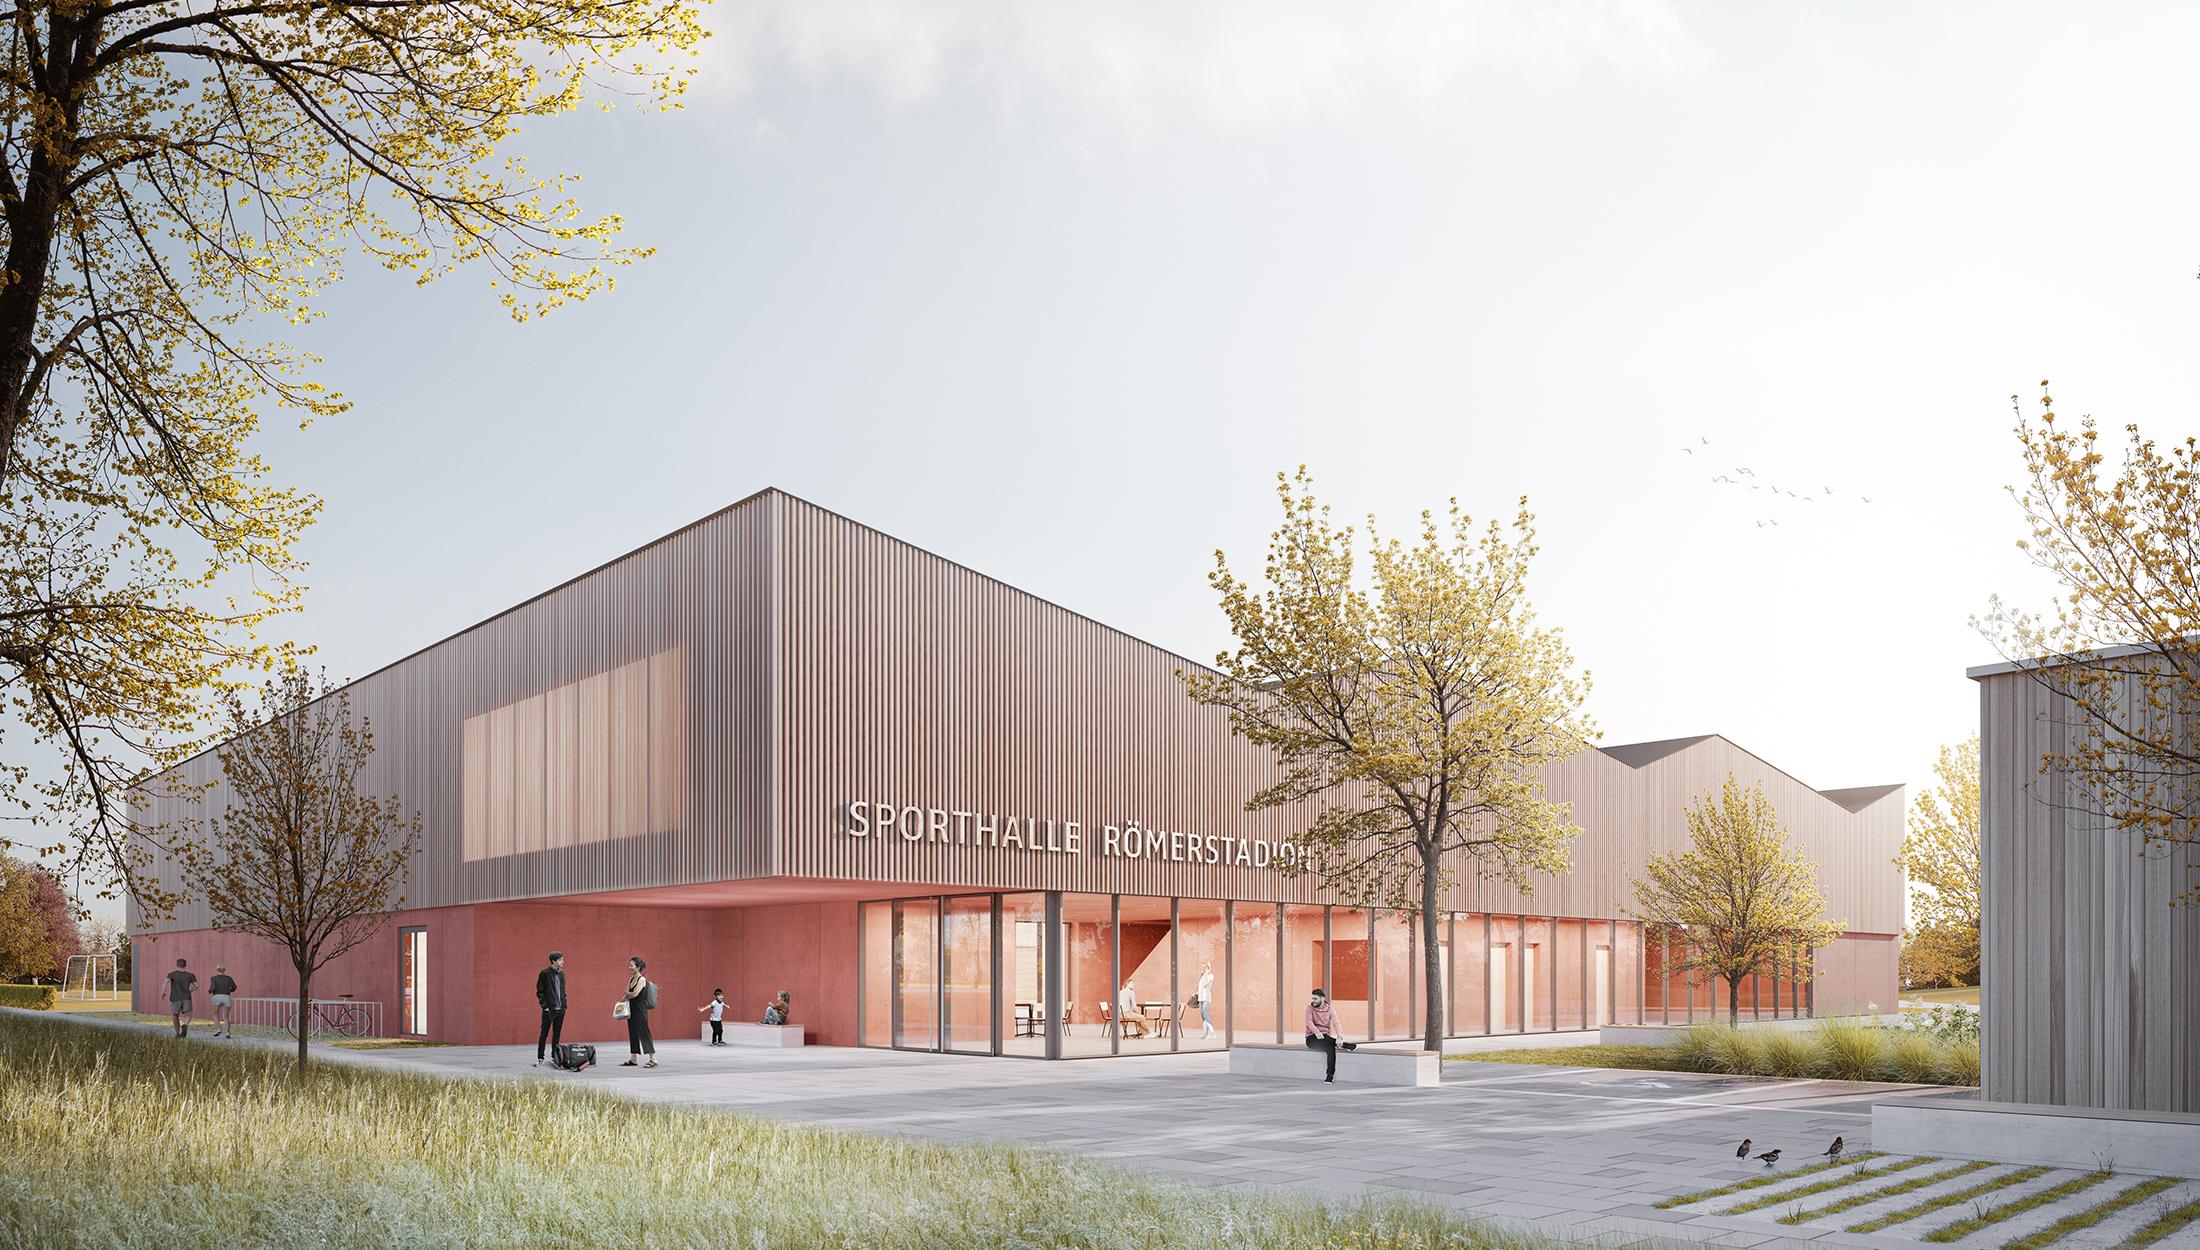 2021, Wettbewerb Neubau Dreifeldhalle im Römerstadion, Ladenburg